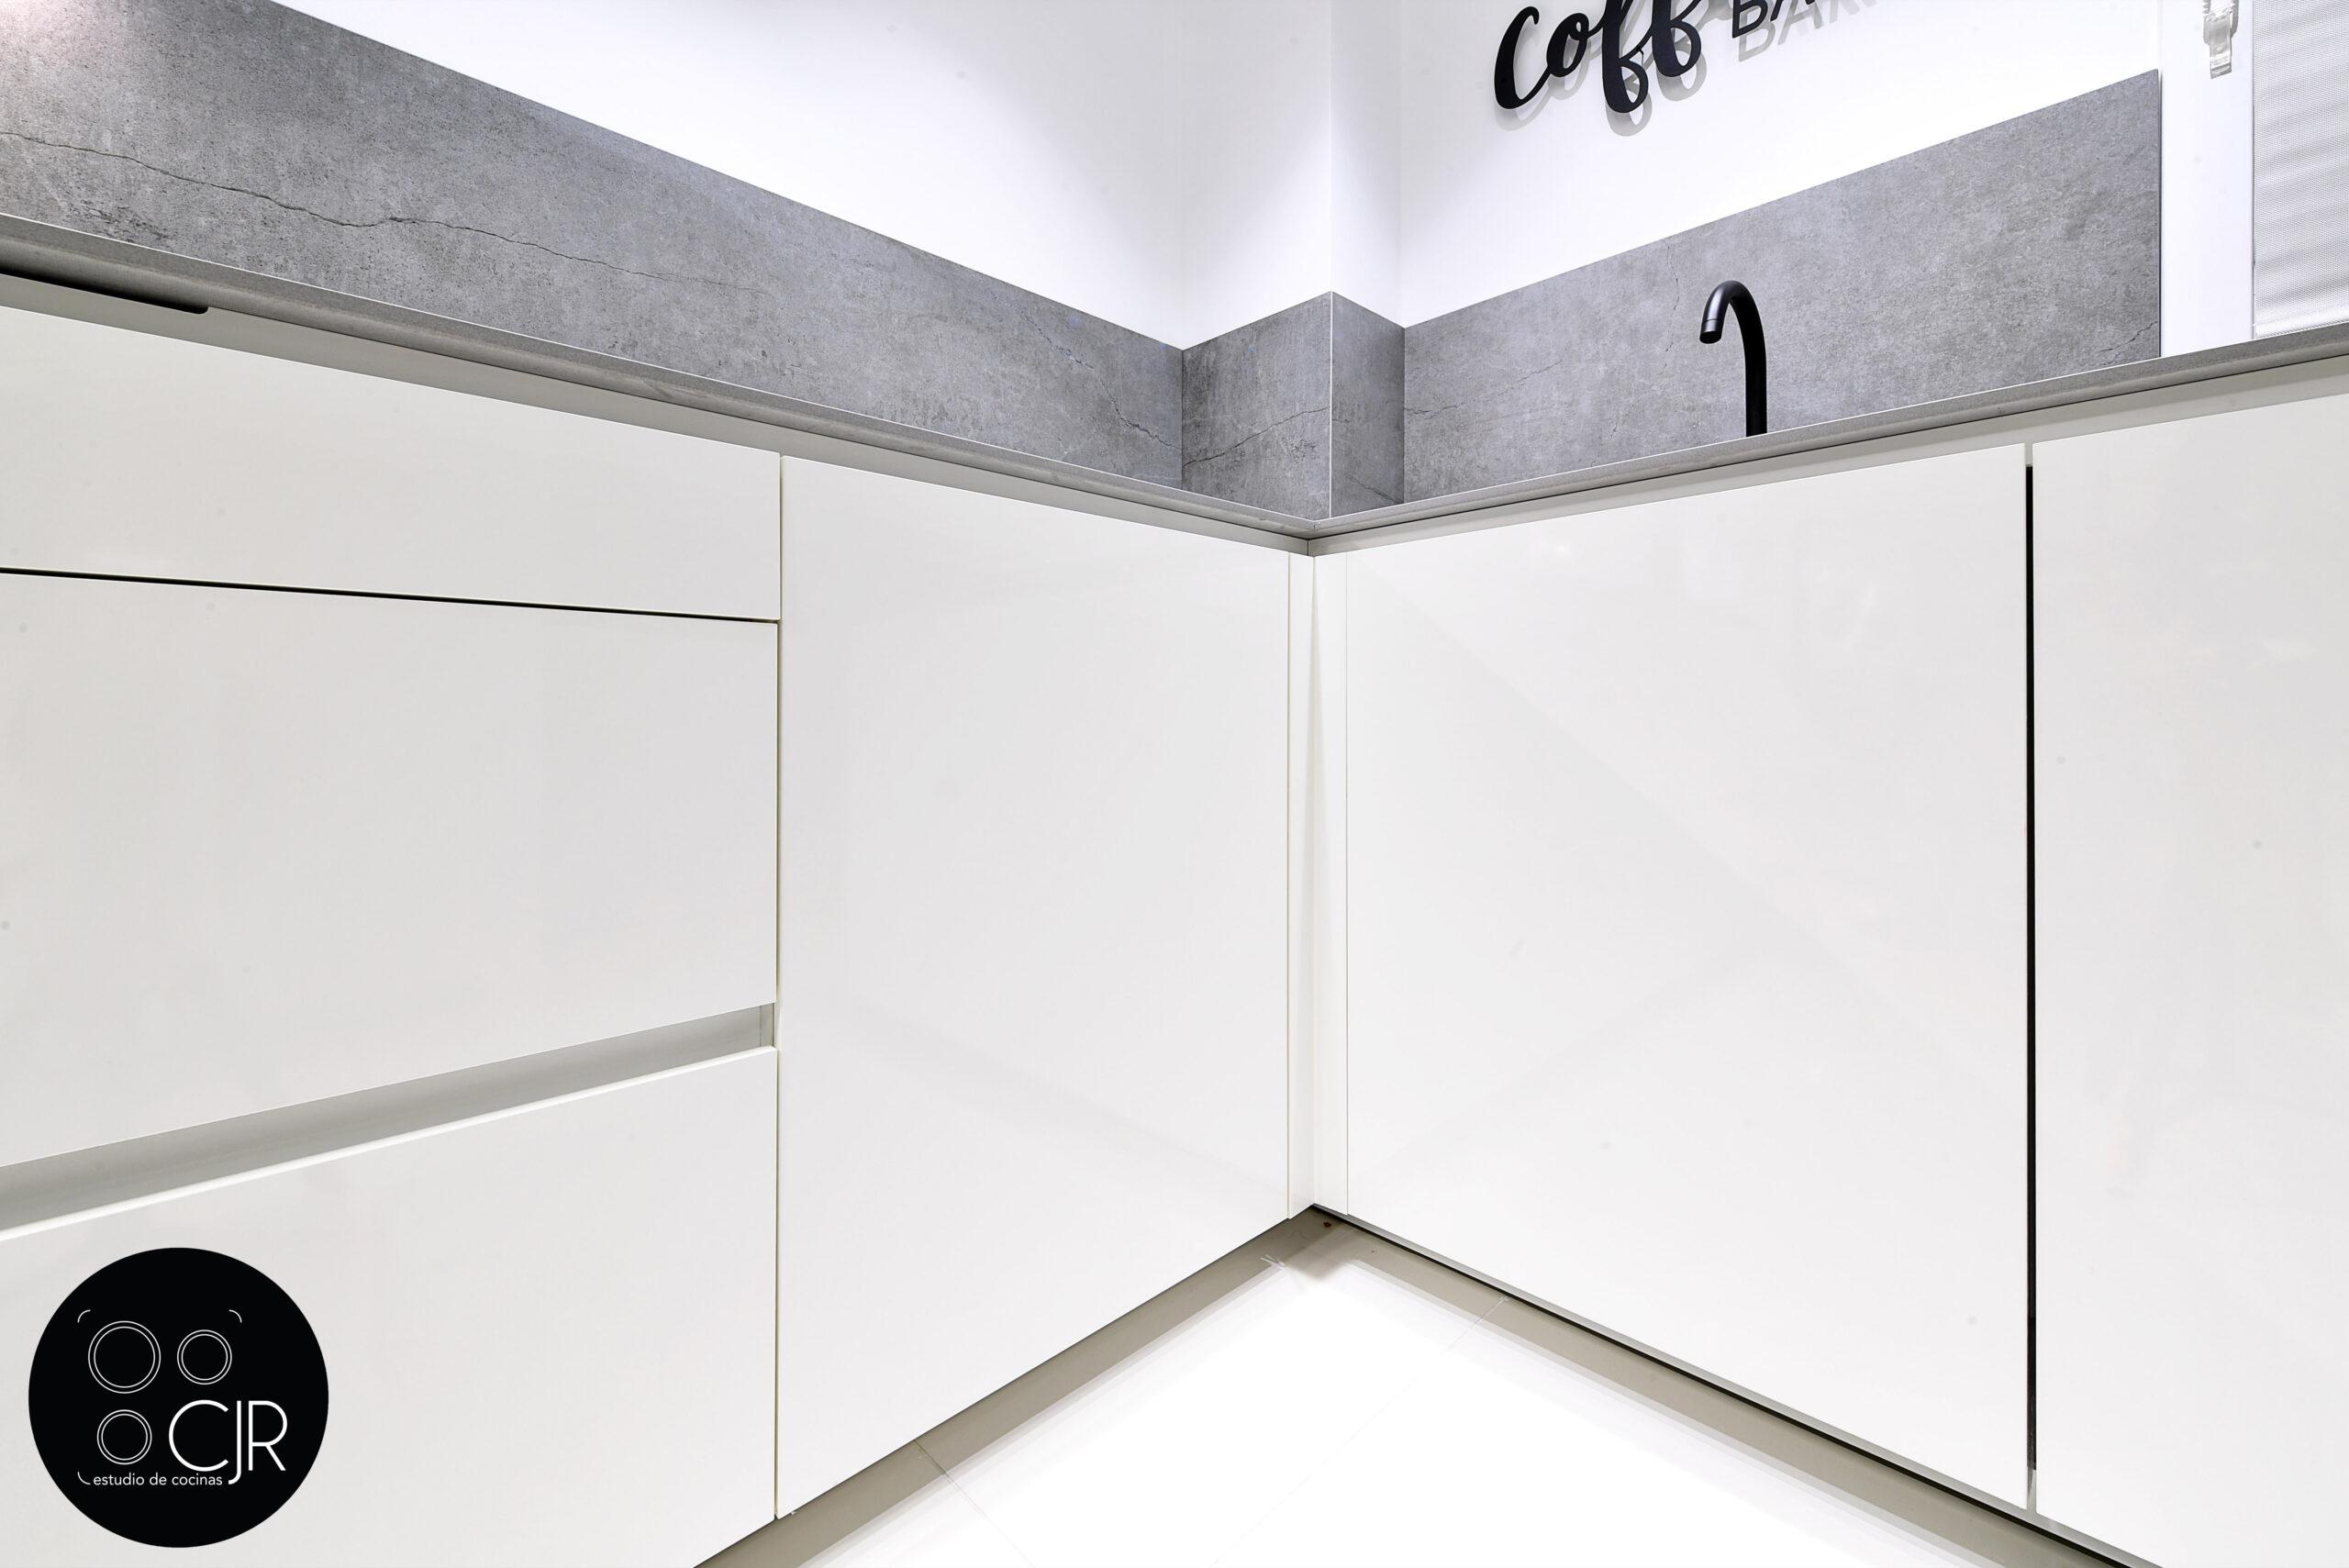 Esquina de cajones inferiores encimera cocina blanca con encimera gris marengo